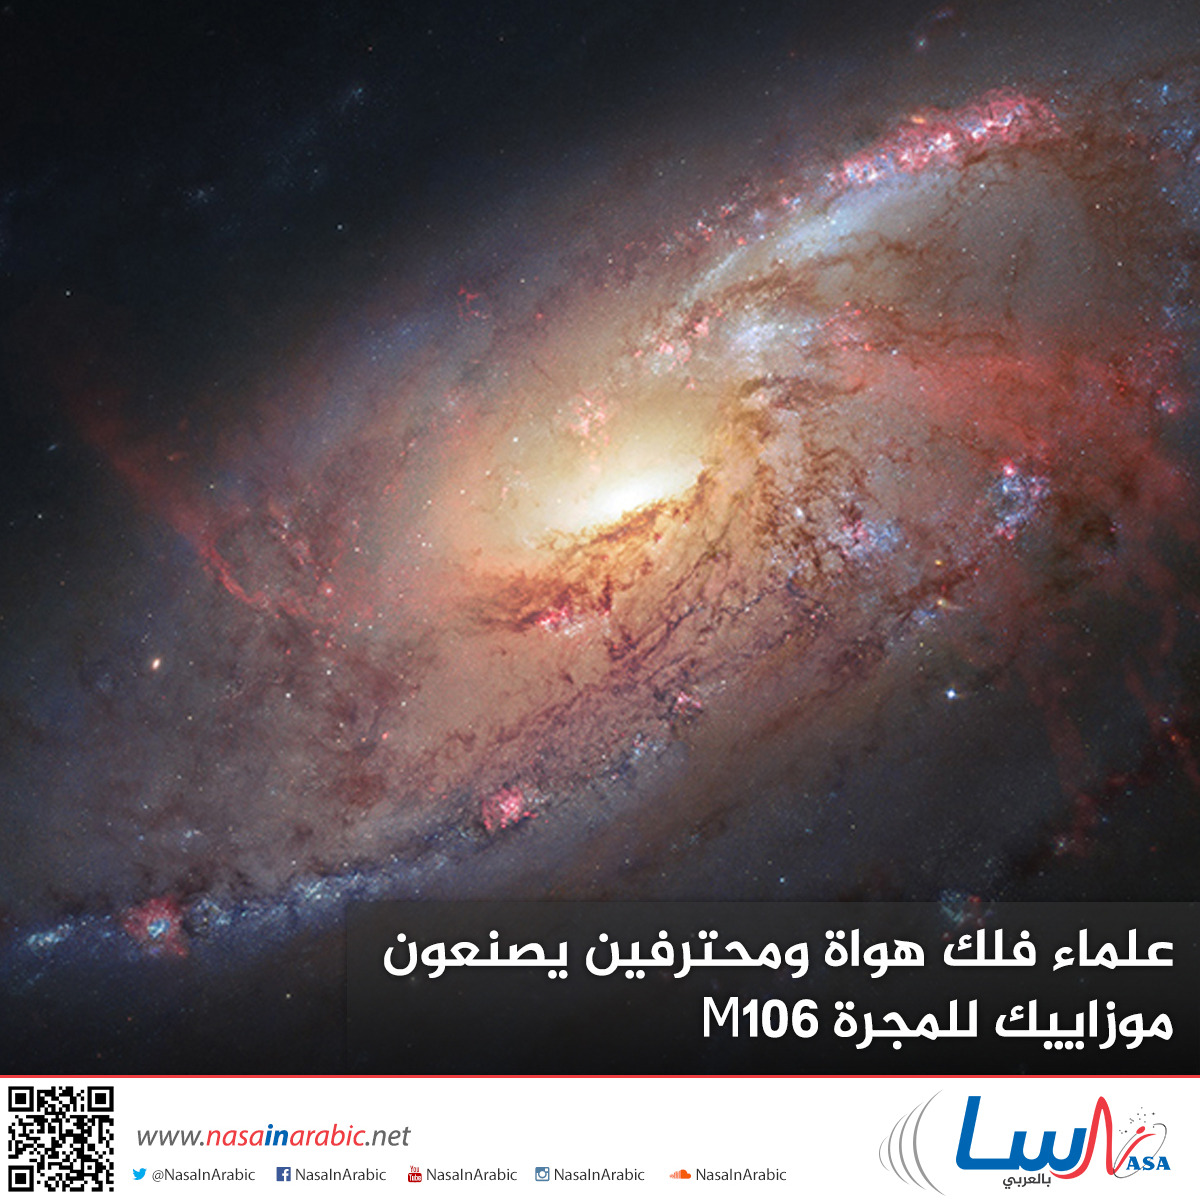 علماء فلك هواة ومحترفين يصنعون موزاييك للمجرة M106